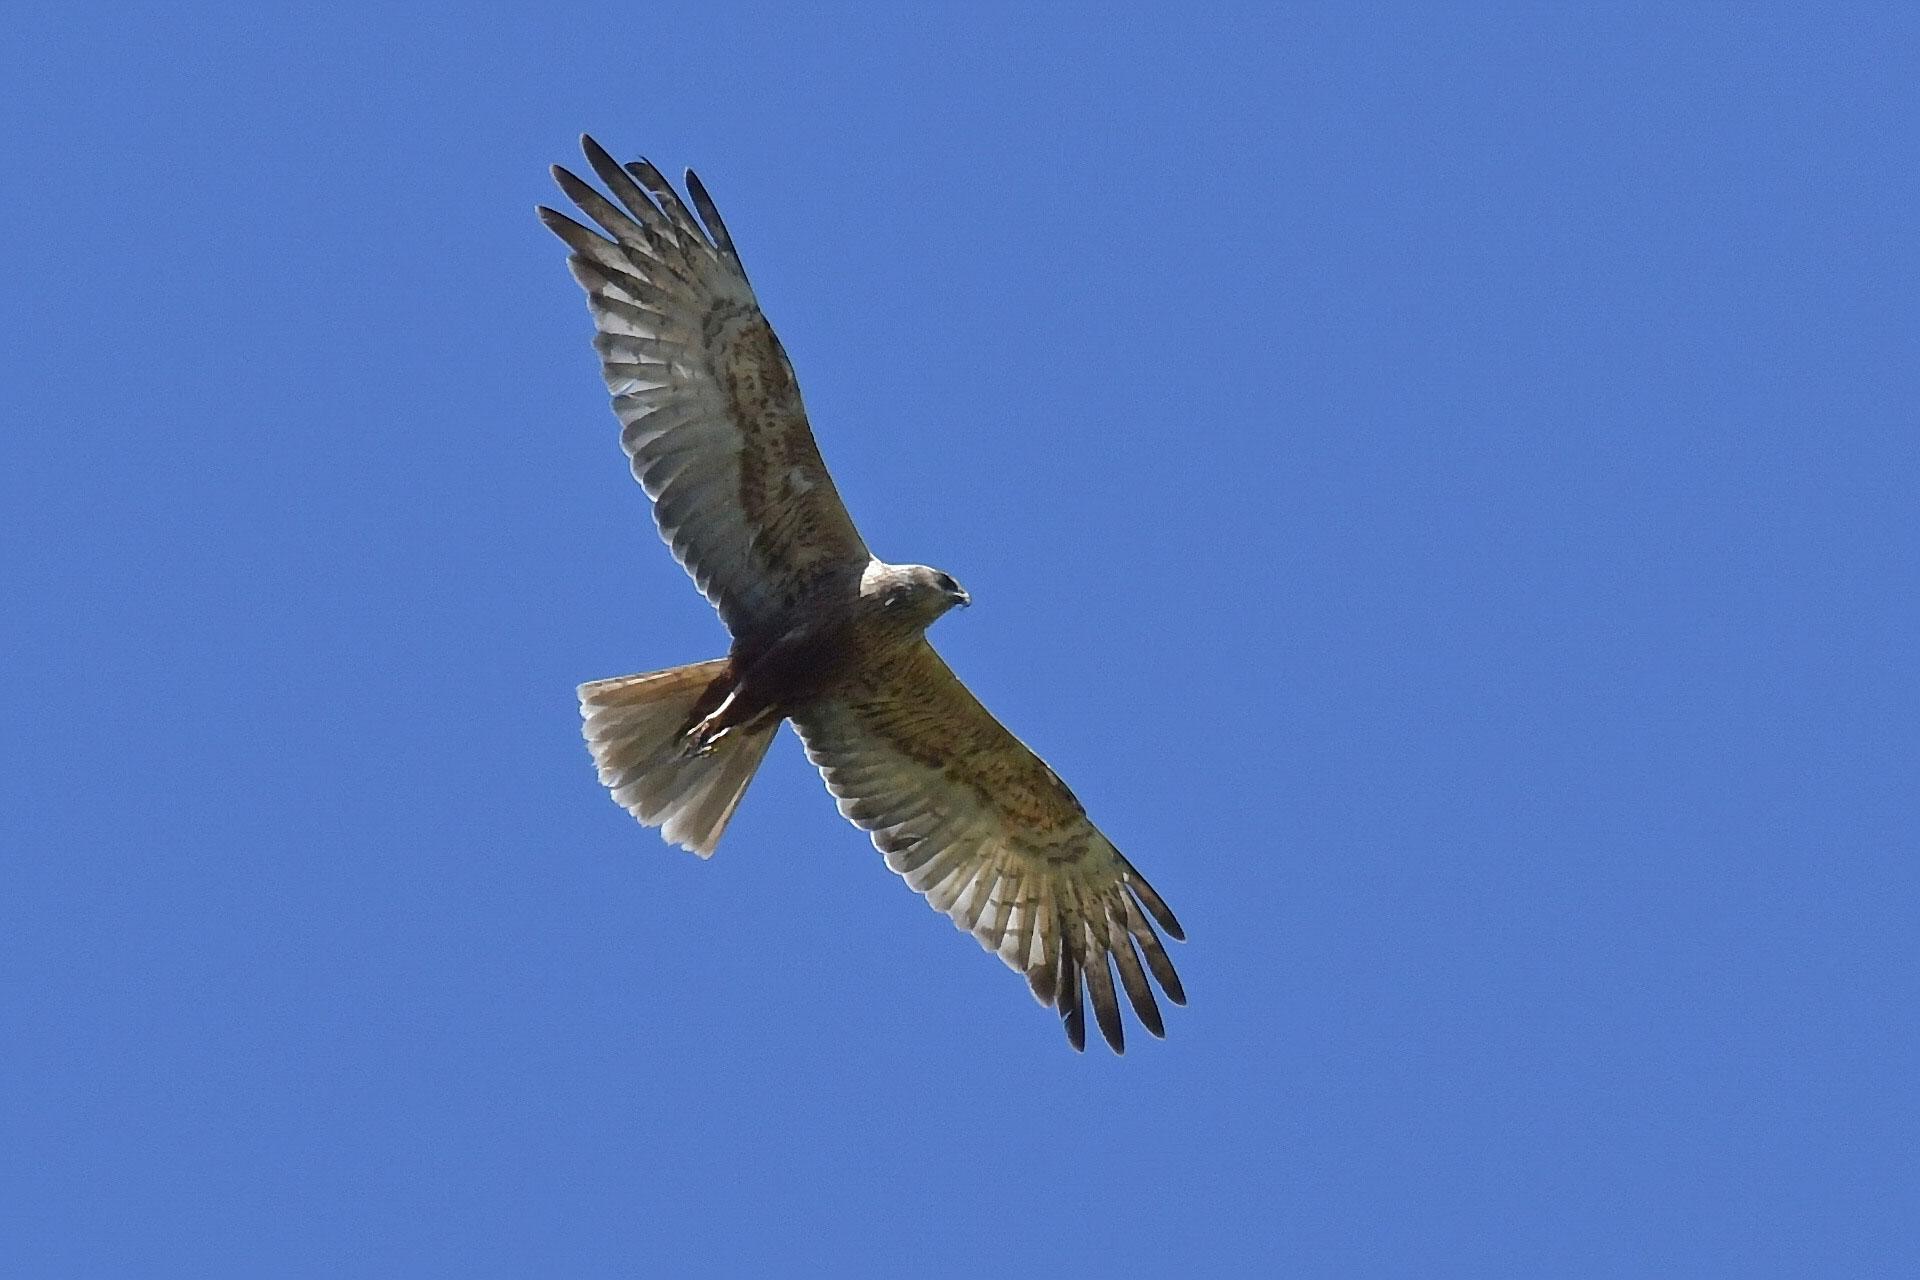 Identificazione rapace: Falco di palude, maschio